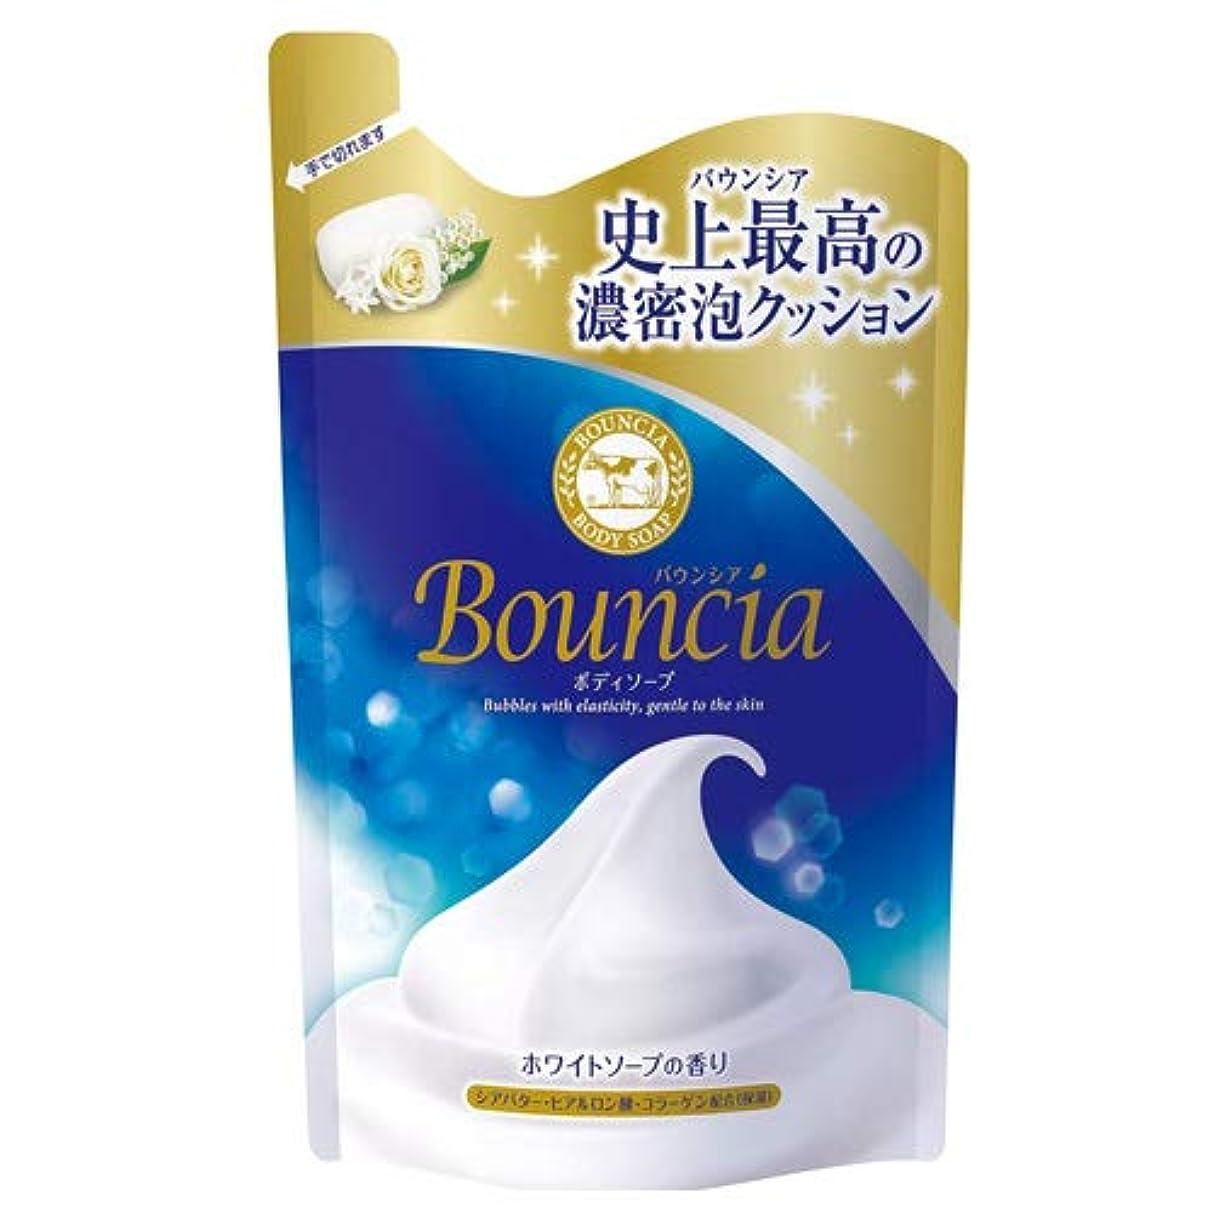 開発するカブブレーキ牛乳石鹸 バウンシア ボディソープ 詰替用 400ml×4個